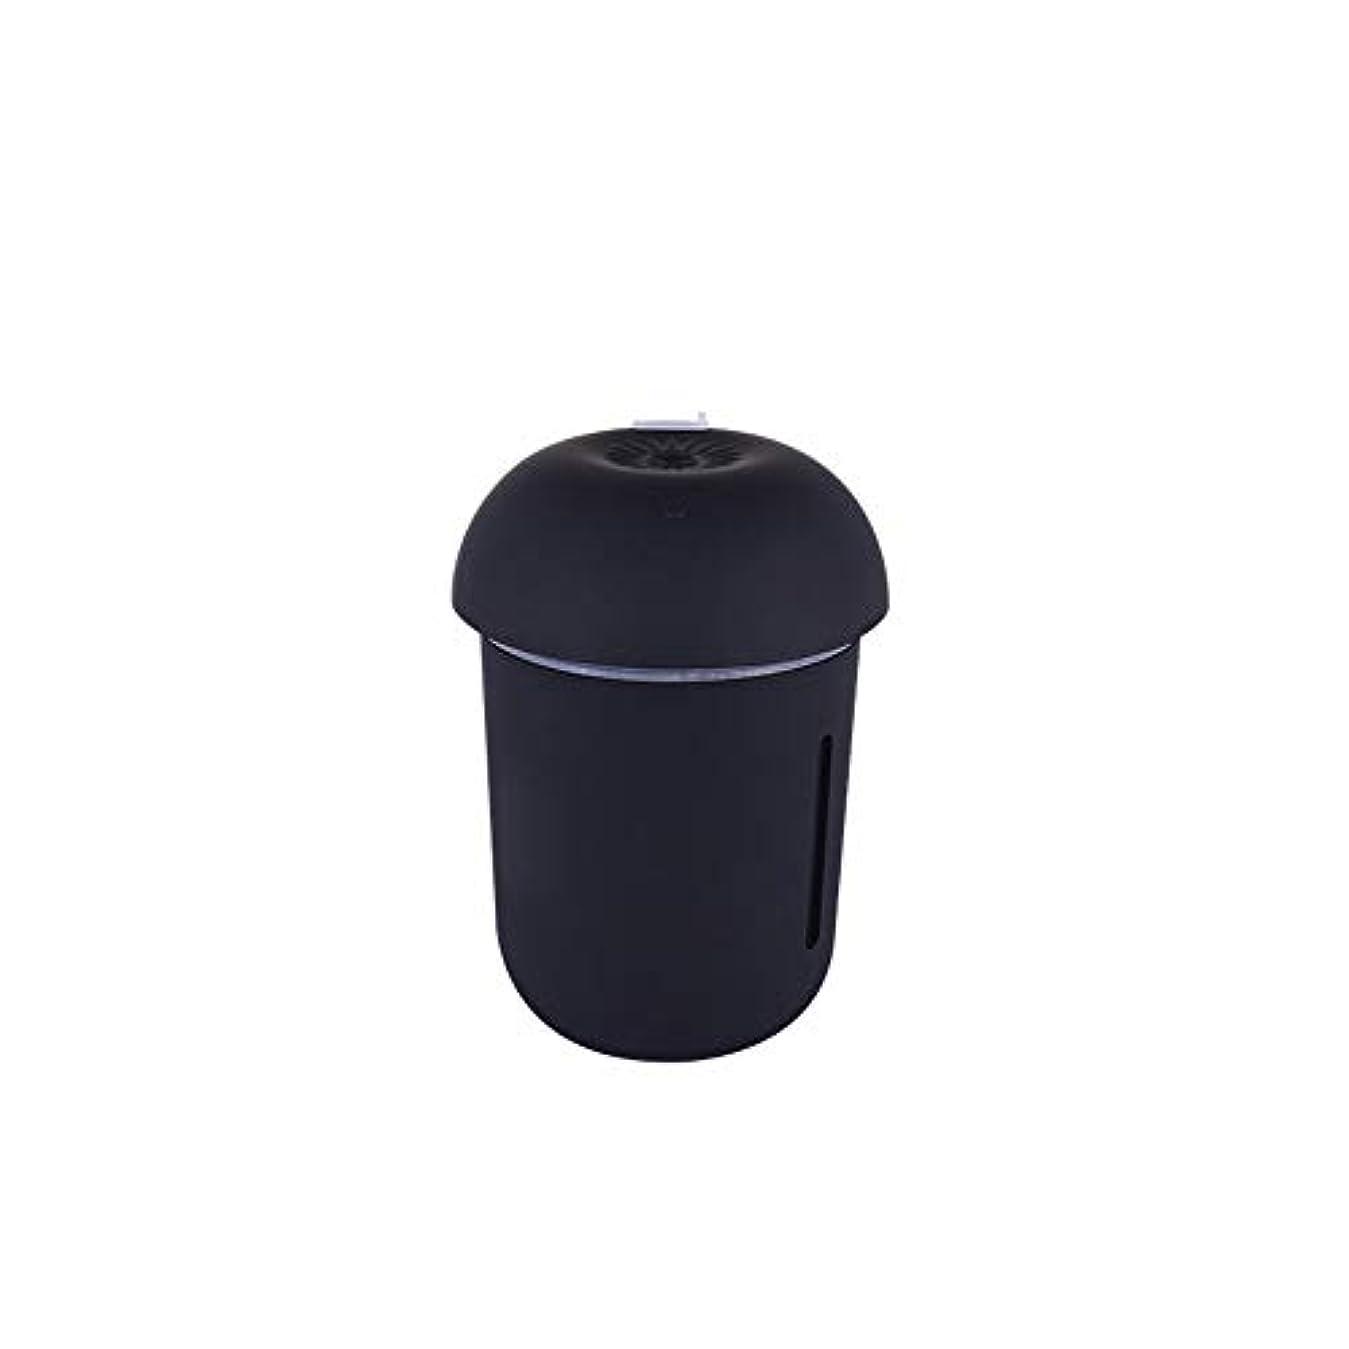 立ち向かう美的信仰ZXF クリエイティブ多機能水道メーターファンナイトライトスリーインワンきのこ加湿器usb充電車の空気清浄機美容機器 滑らかである (色 : Black)